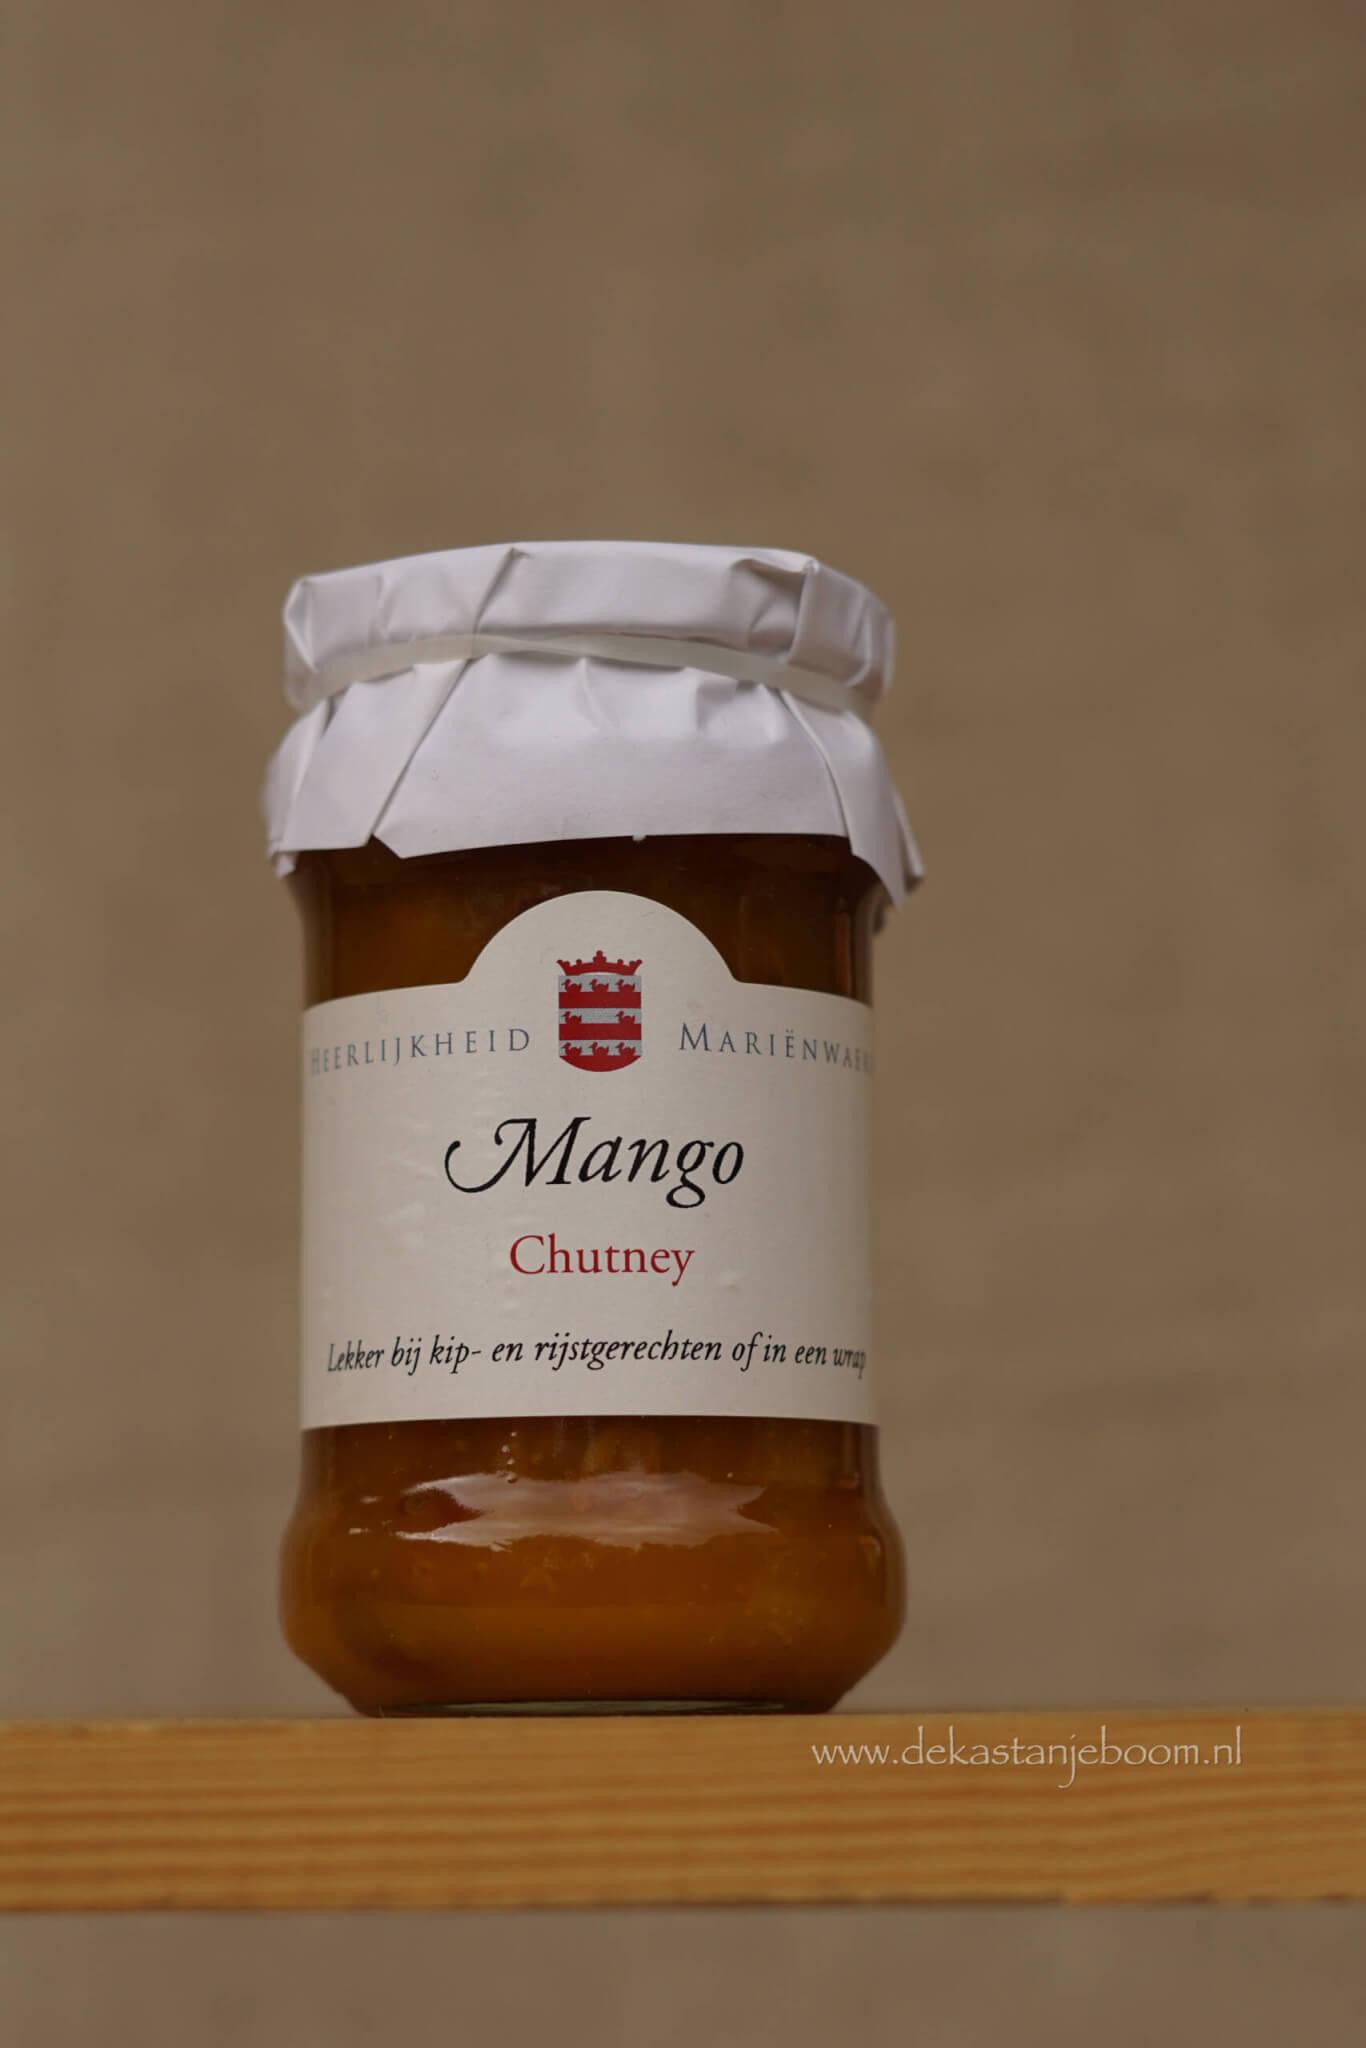 Mango chutney Heerlijkheid Mariënnwaard